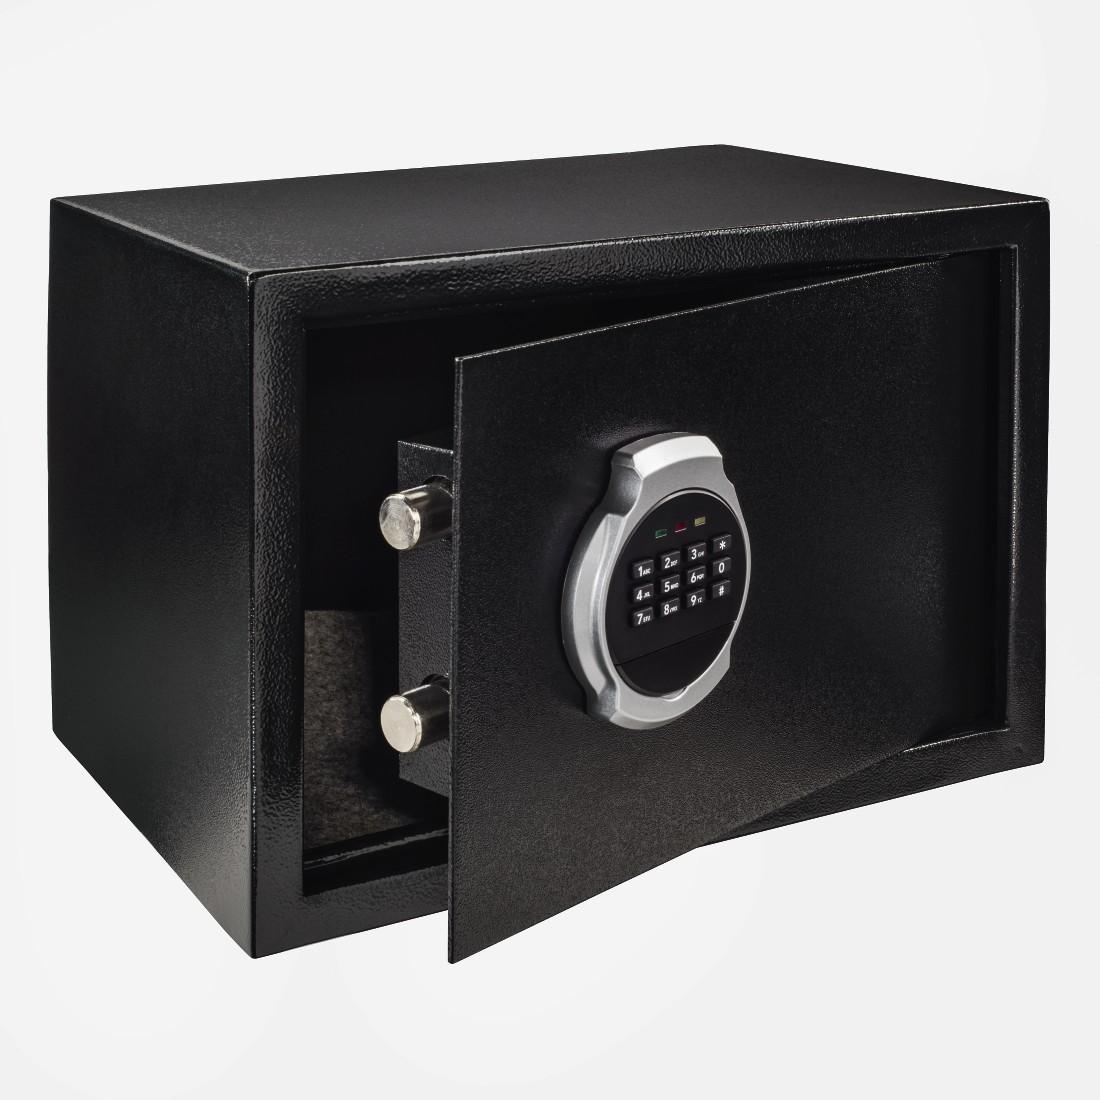 Електронен сейф HAMA Premium EP-250, 35 x 25 x 25 cm, Черен